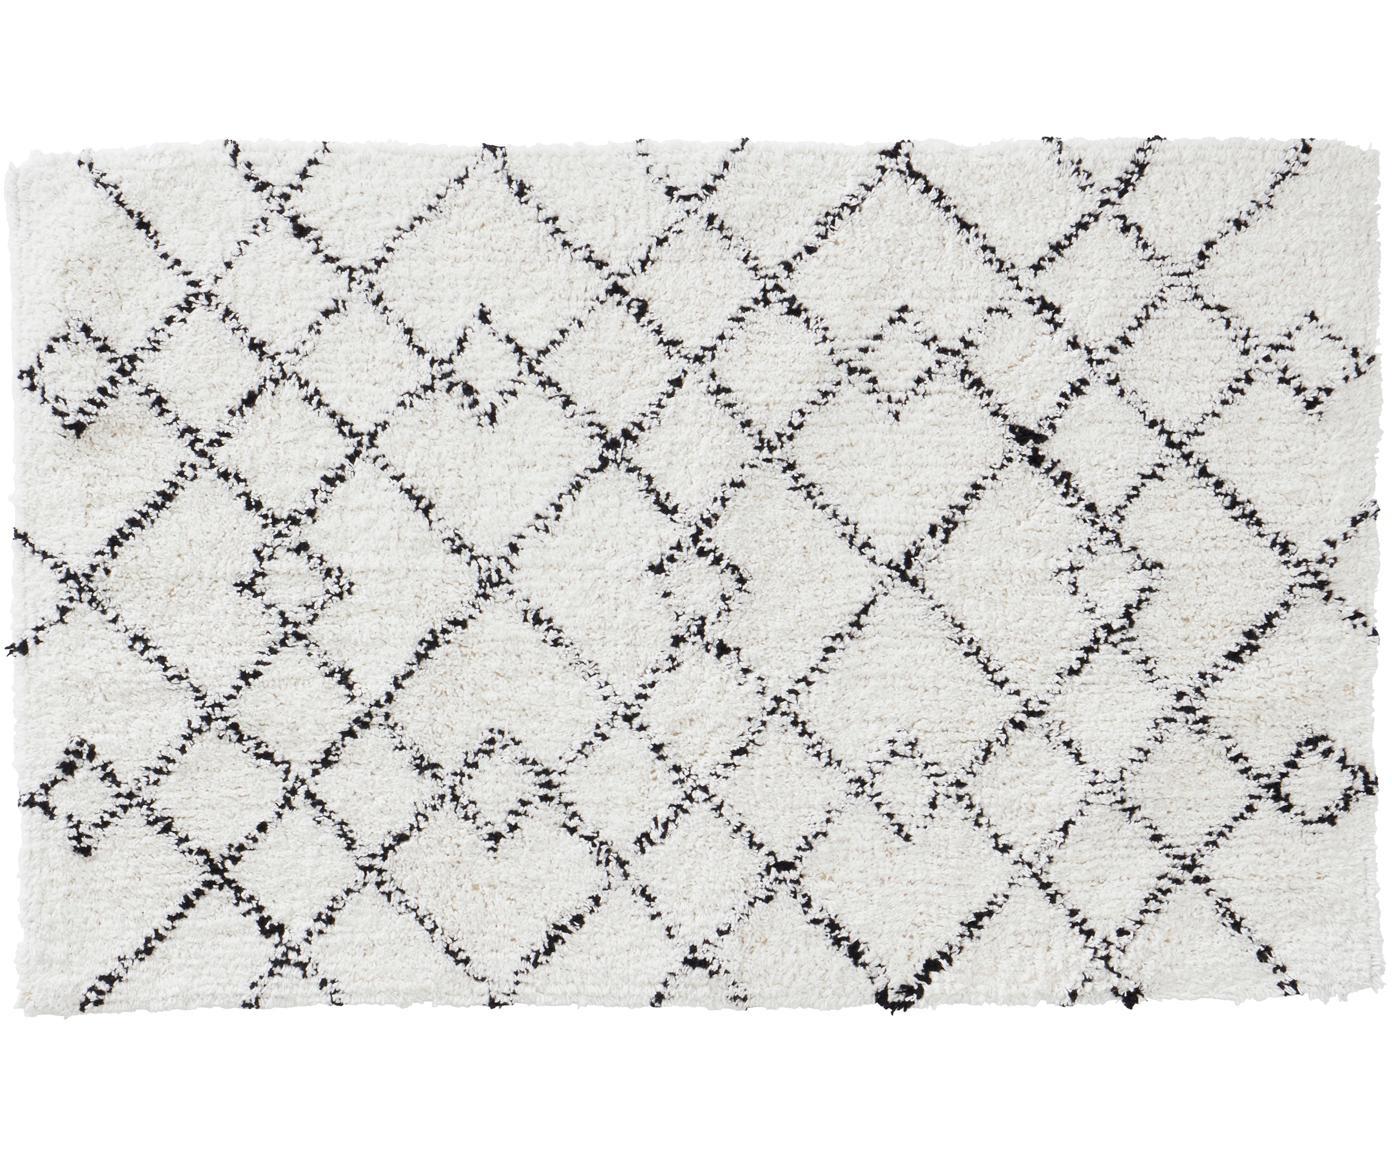 Tappeto bagno nero/bianco Paola, Cotone, Bianco, nero, Larg. 50 x Lung. 80 cm